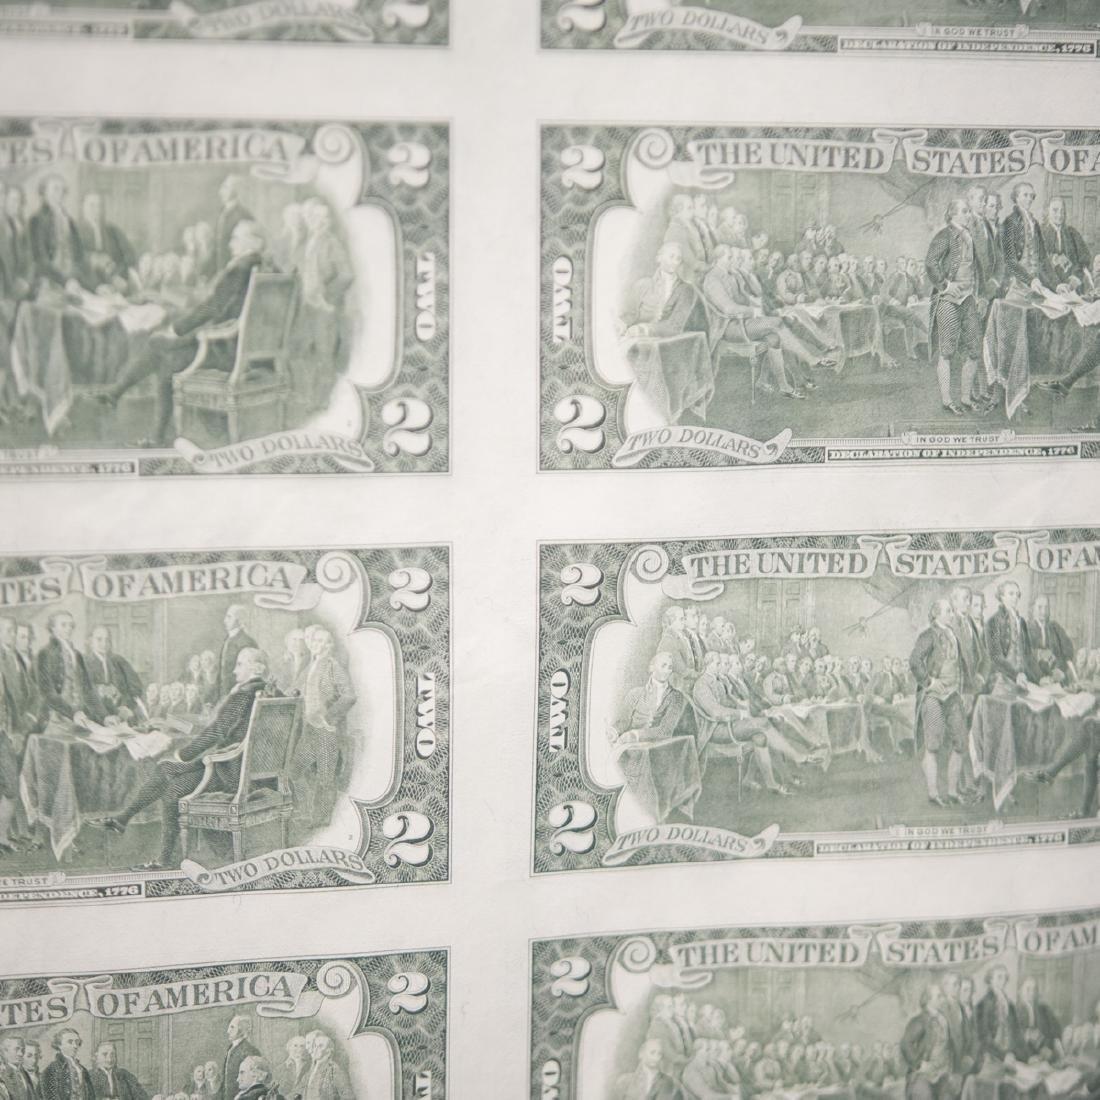 1976 Uncut $2.00 Bills - 4